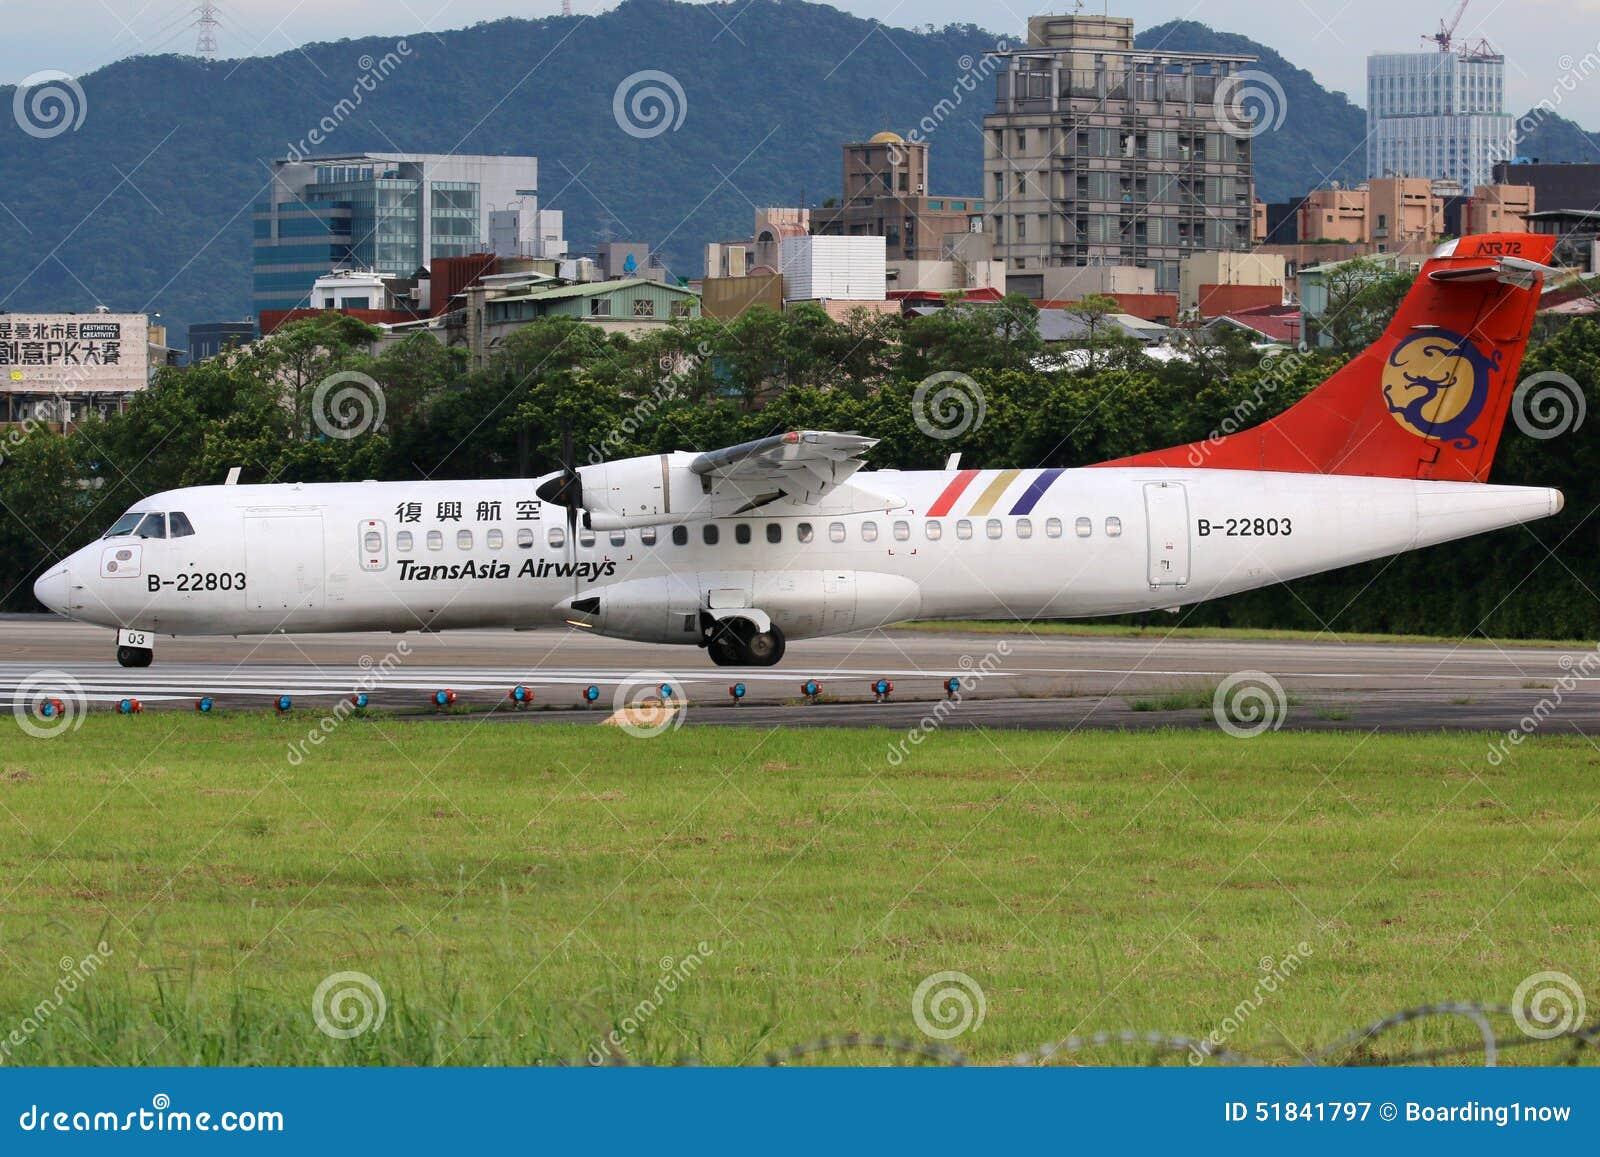 TransAsia Airways ATR 72-500 airplane Taipei Songshan Airport